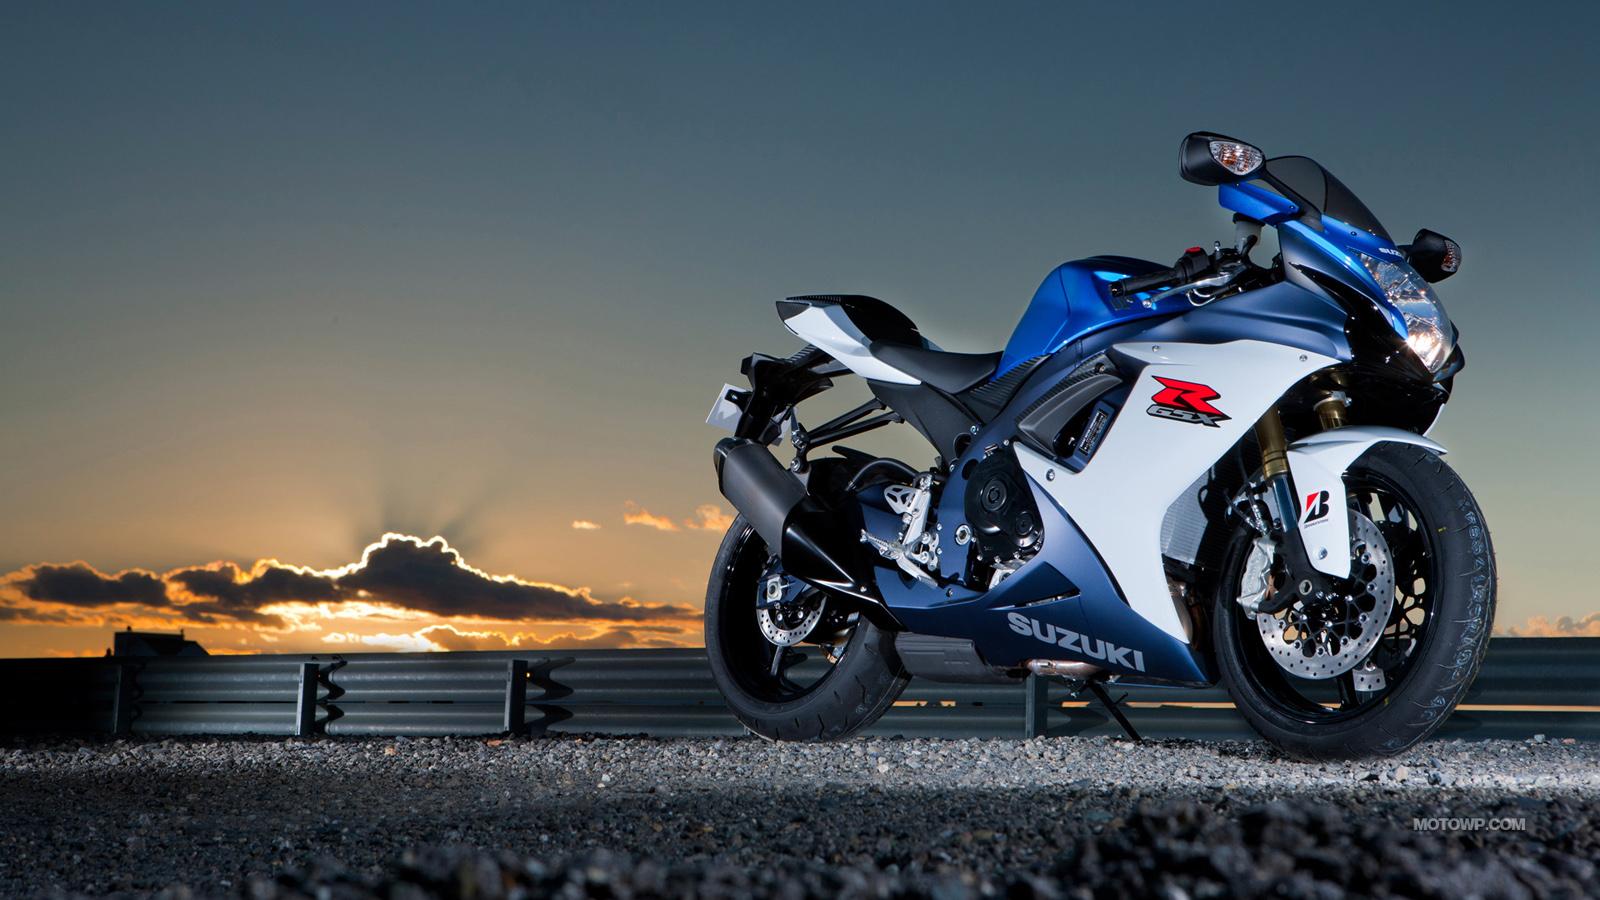 Suzuki-GSX-R750-2011-1600x900-006